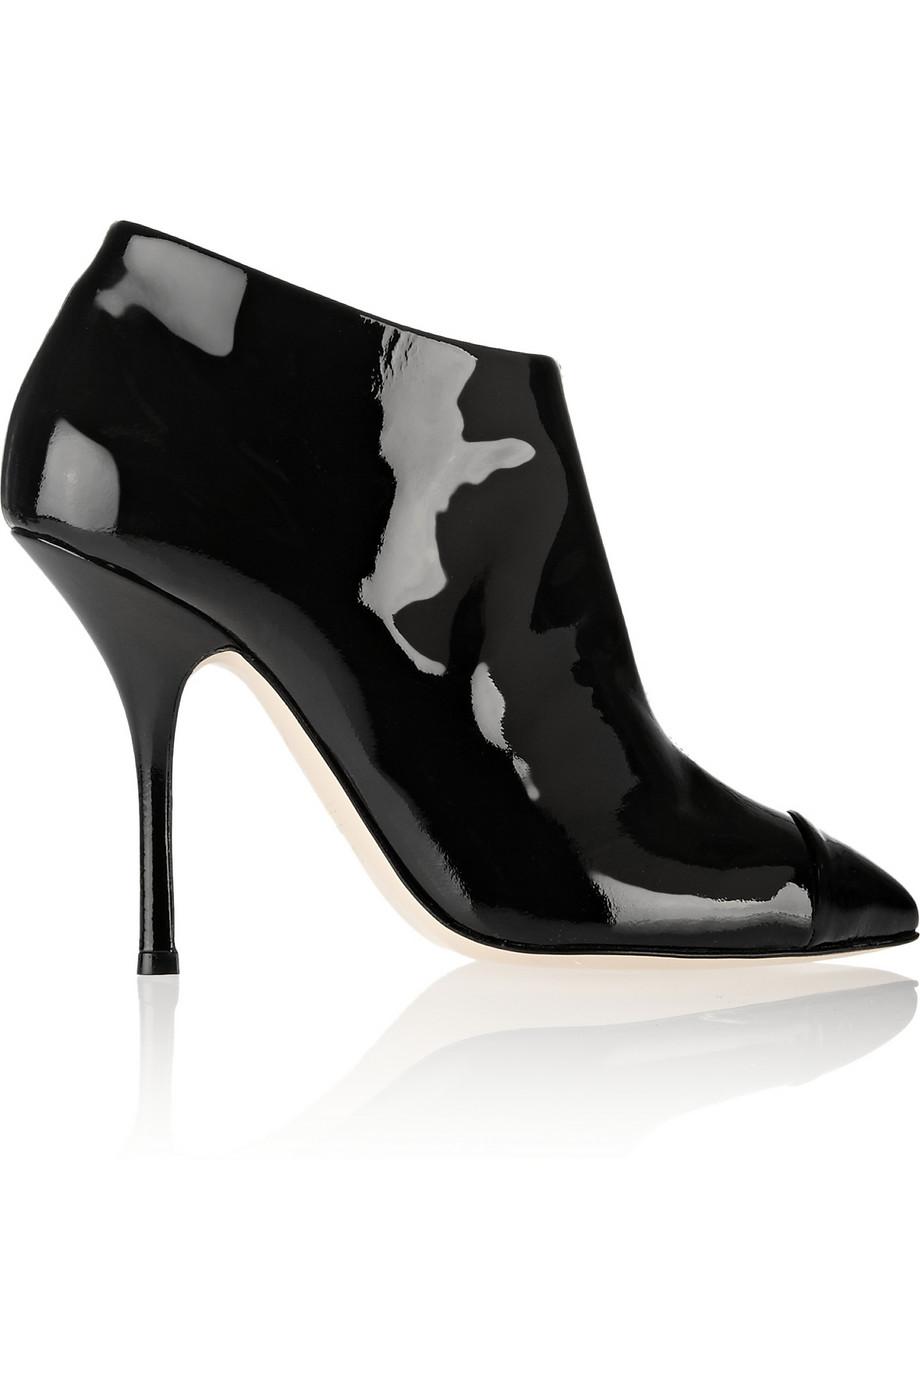 9 Designer White Wedding Shoes Under $250